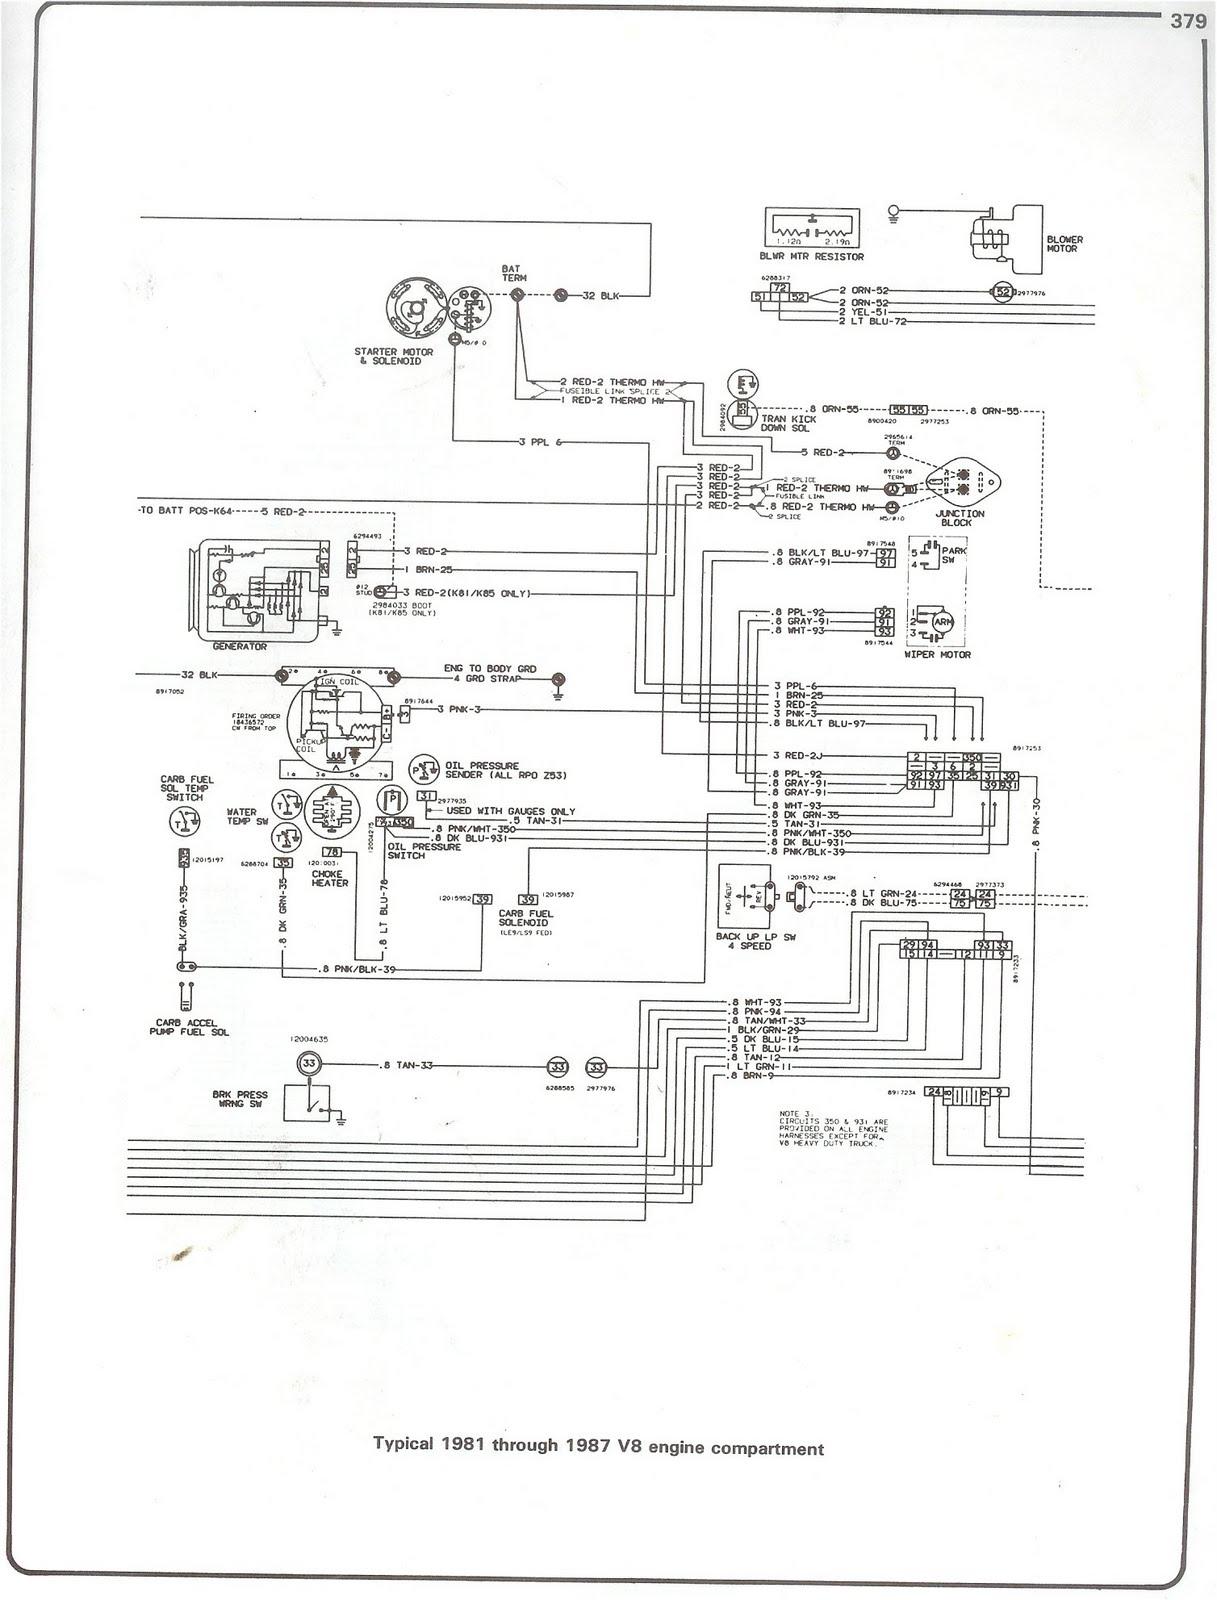 1969 Mgb Fuse Box Diagram Advance Auto Wire Mgb • Cairearts.com